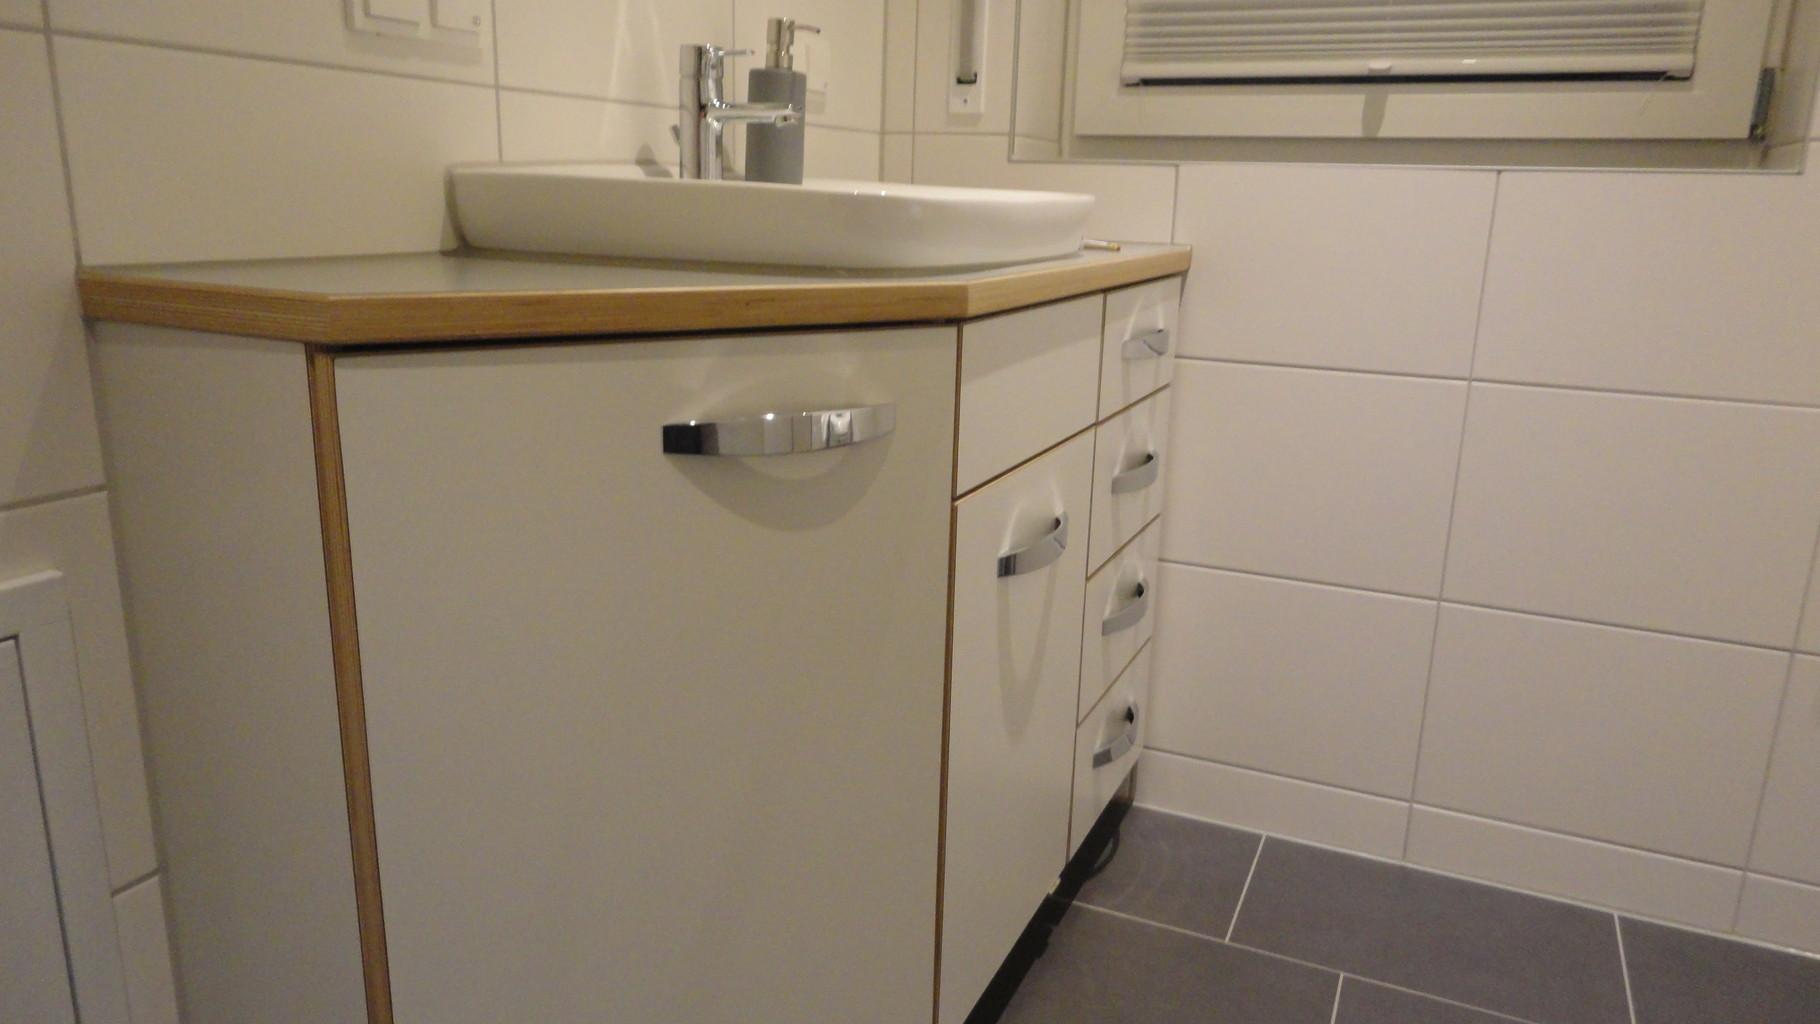 Waschtisch Unterschrank Holz Antik: Doppel waschtischunterschrank ... | {Waschtischunterschrank holz antik 87}